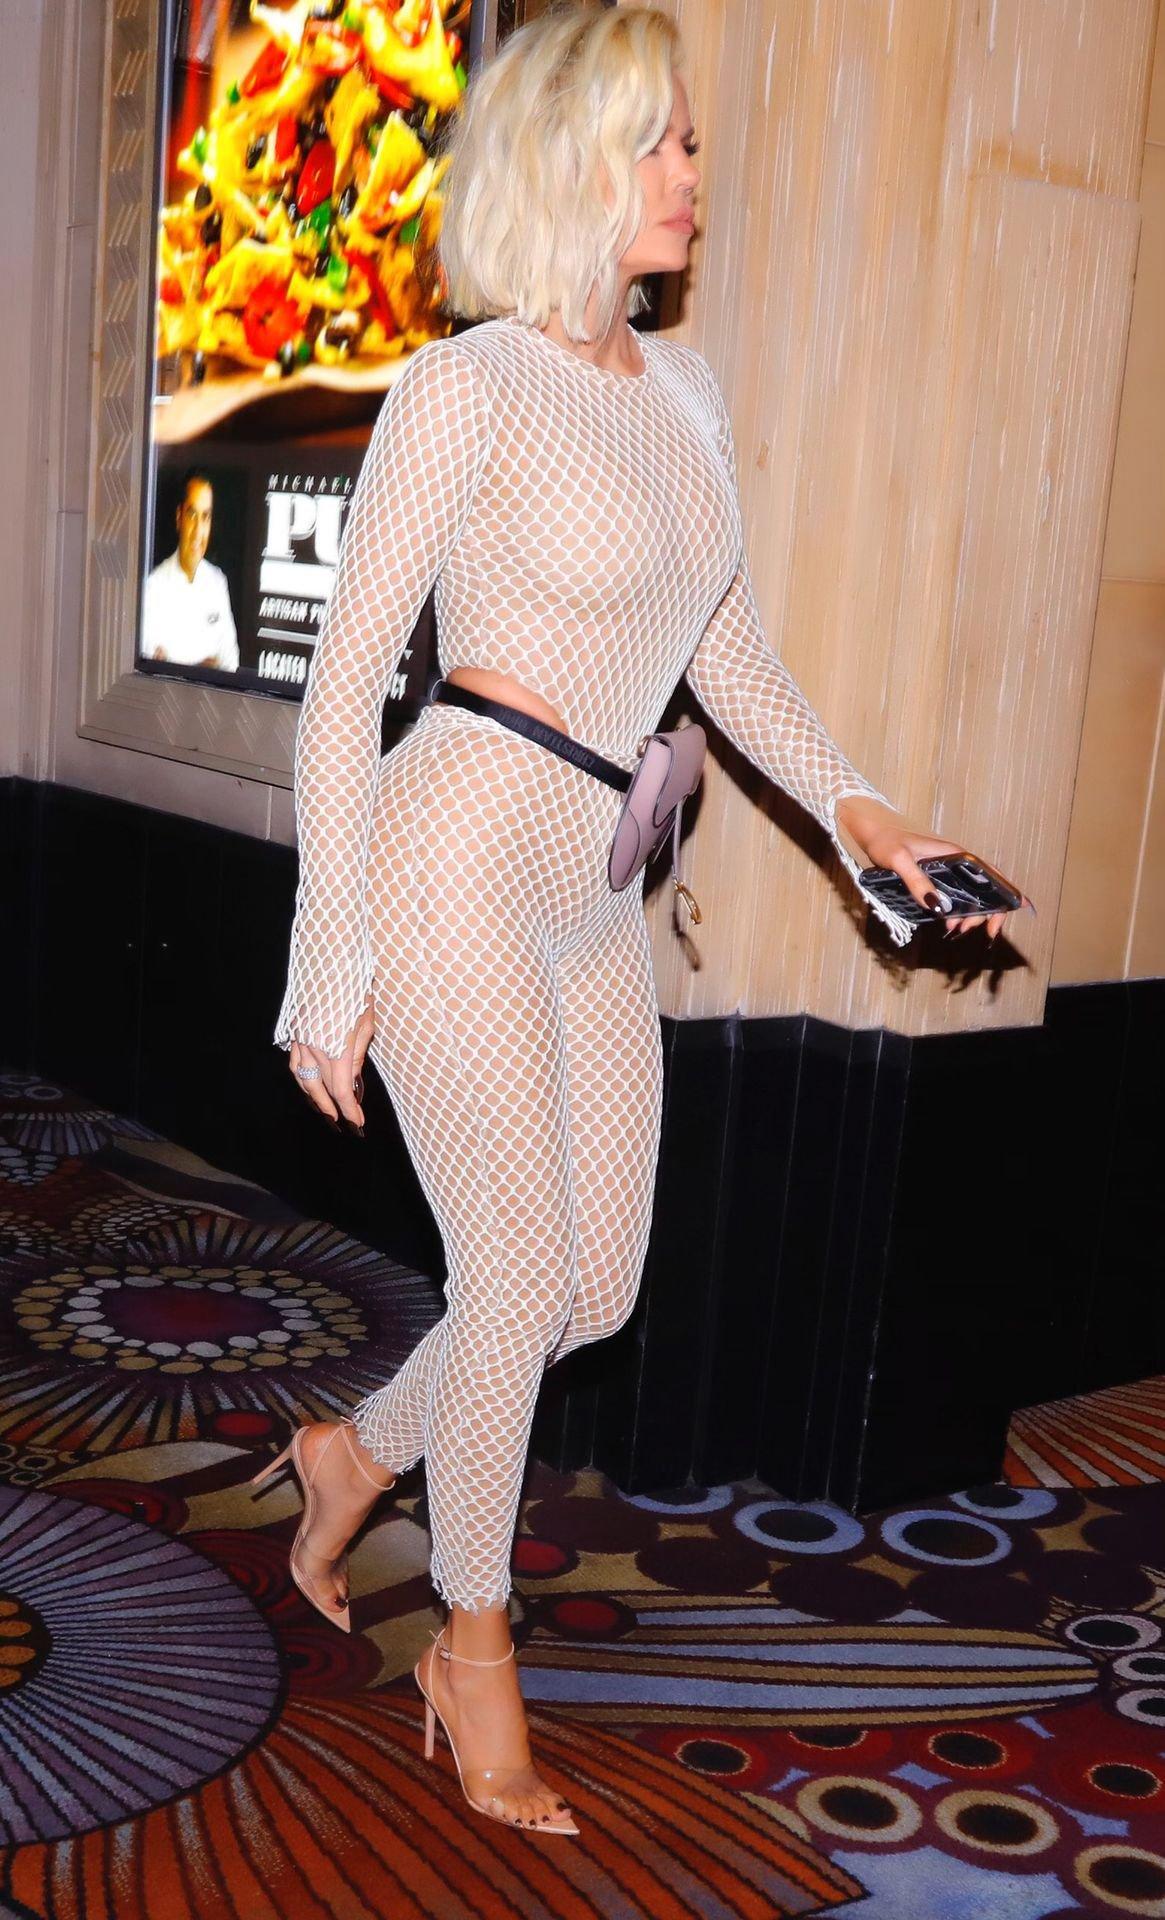 Khloe Kardashian Hot Sheer Outfit